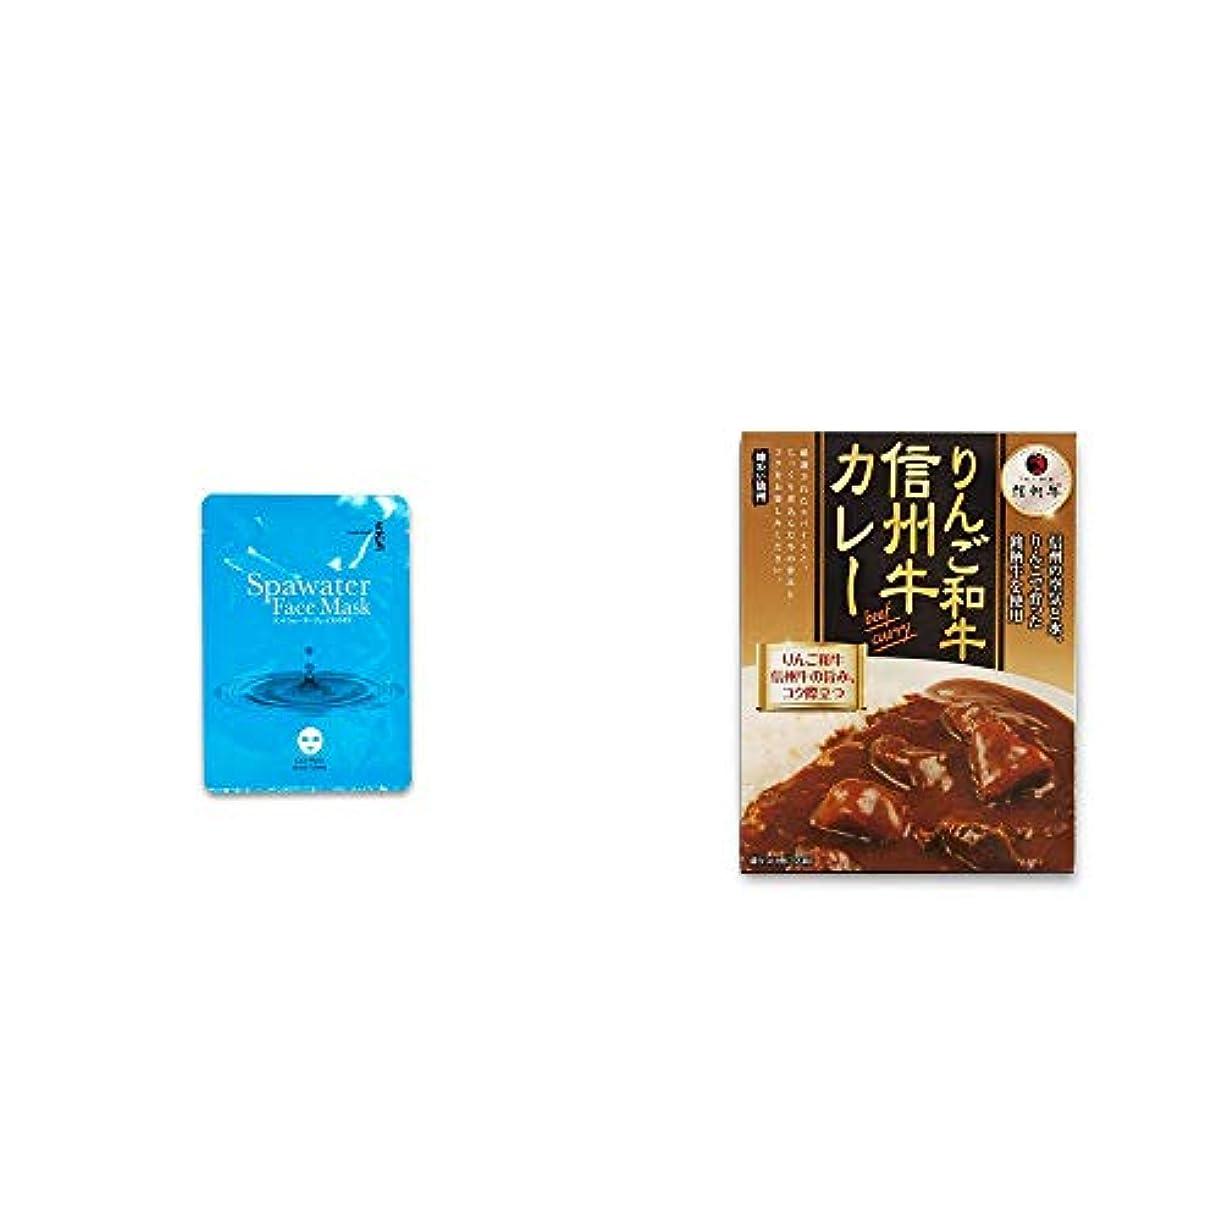 シードオーケストラハング[2点セット] ひのき炭黒泉 スパウォーターフェイスマスク(18ml×3枚入)?りんご和牛 信州牛カレー(1食分)